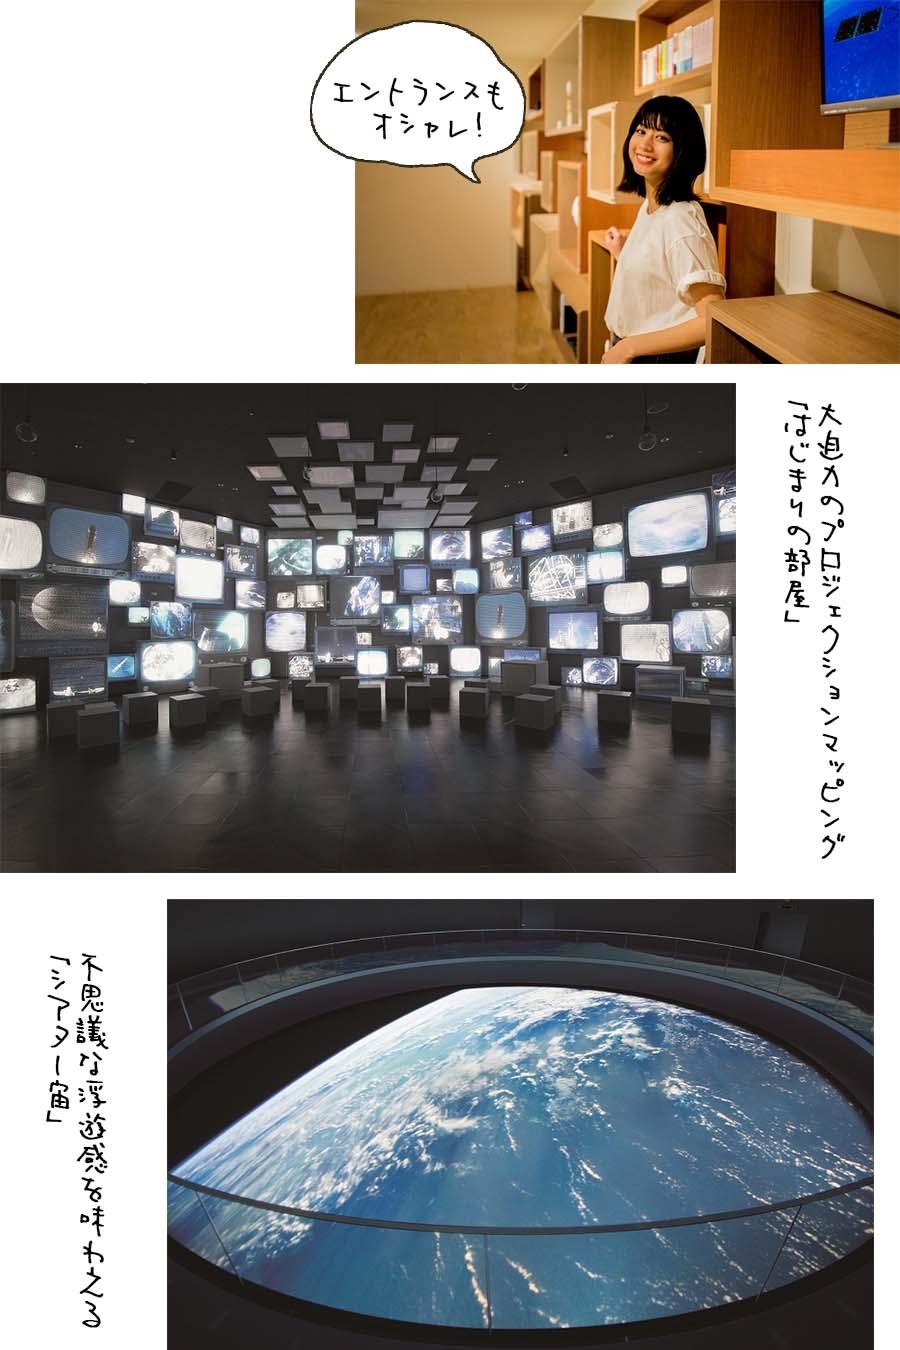 宇宙ミュージアムTeNQ